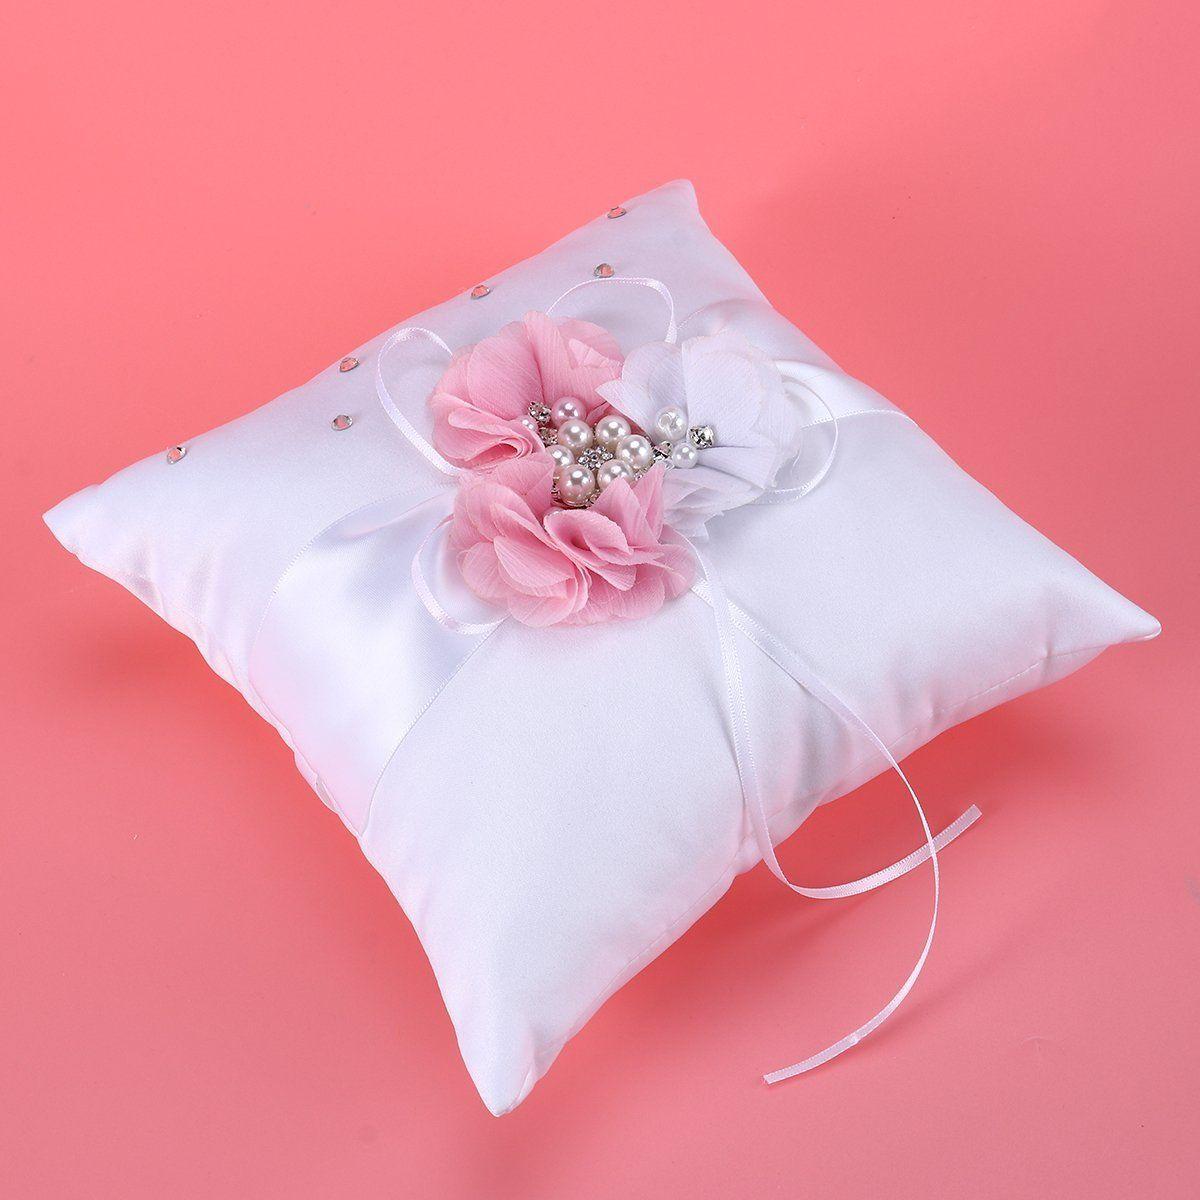 NUOLUX Ring Bearer Pillow #pinkwedding #ringbearer ...